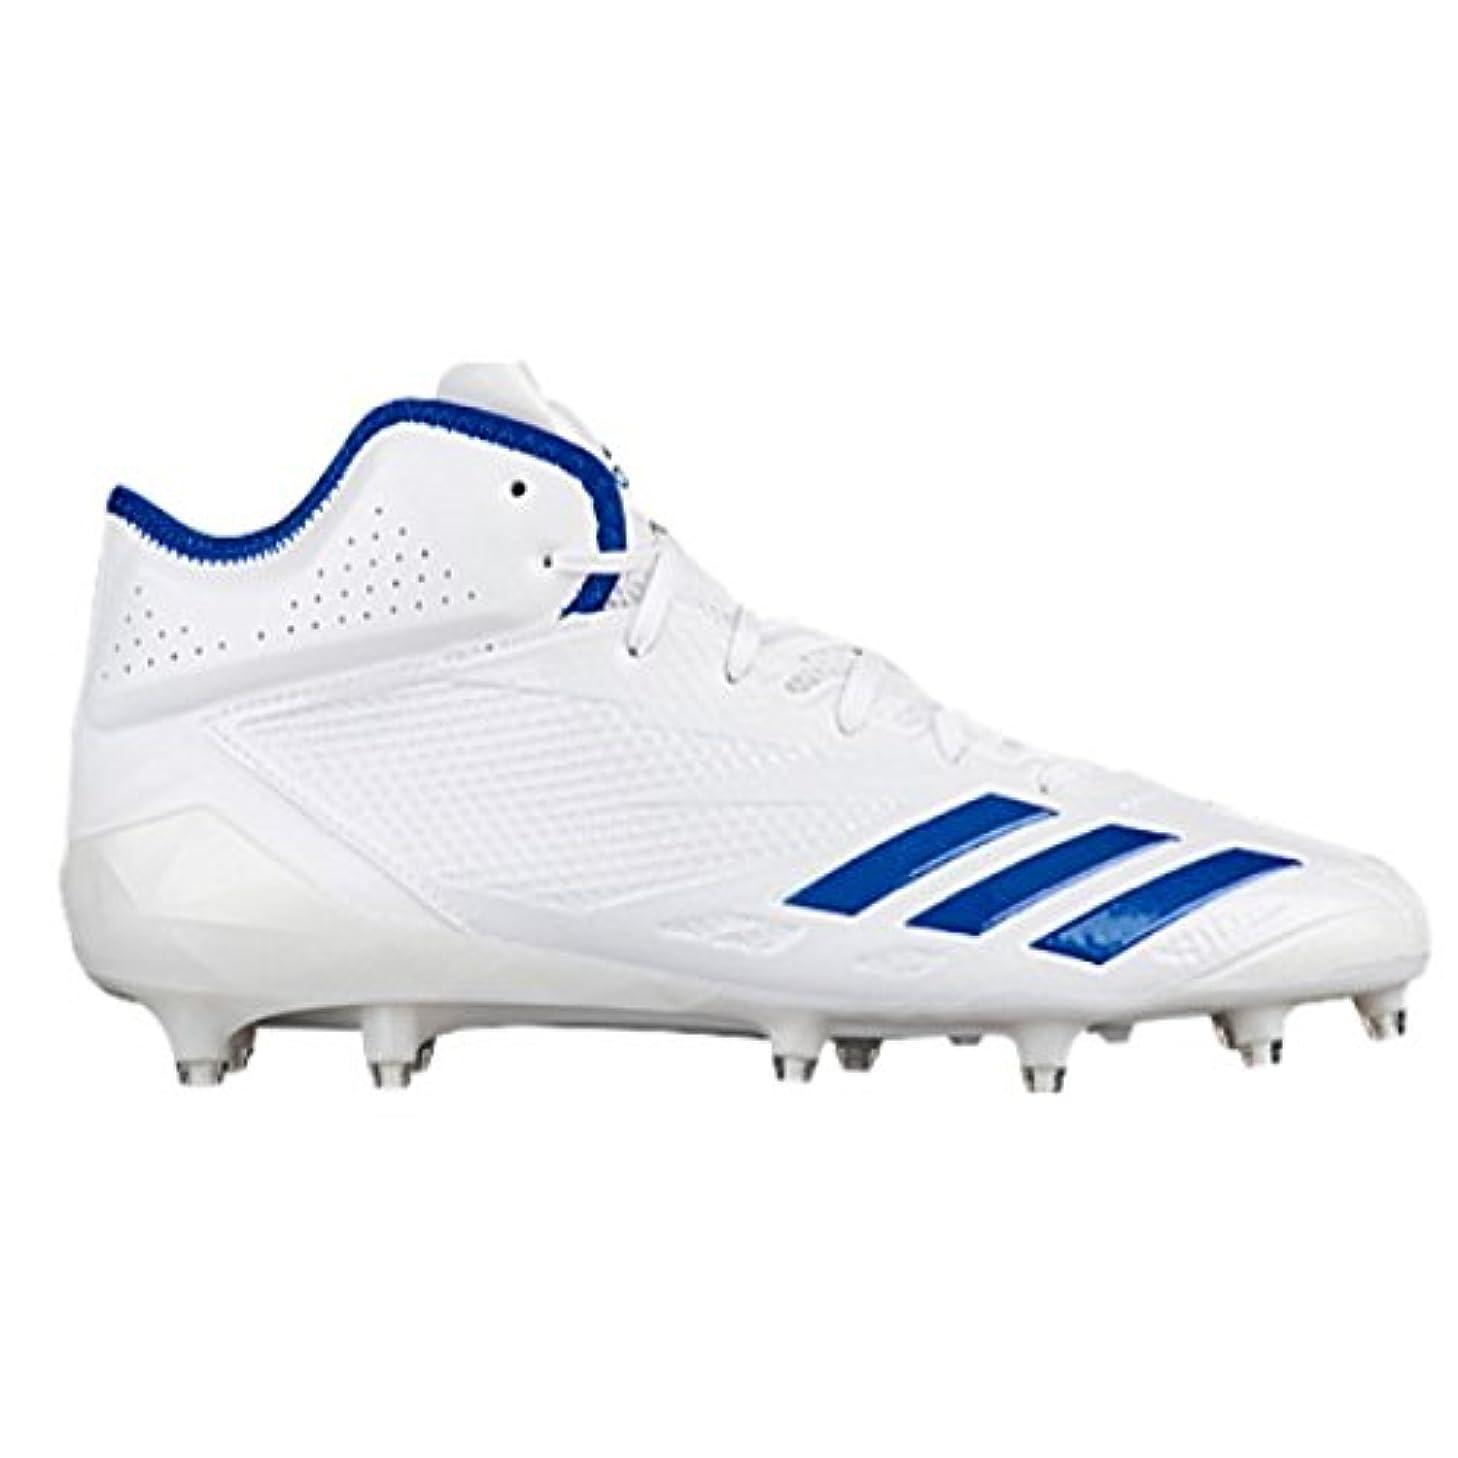 批判的に寄稿者多様性(アディダス) adidas メンズ アメリカンフットボール シューズ?靴 adiZero 5-Star 6.0 Mid [並行輸入品]